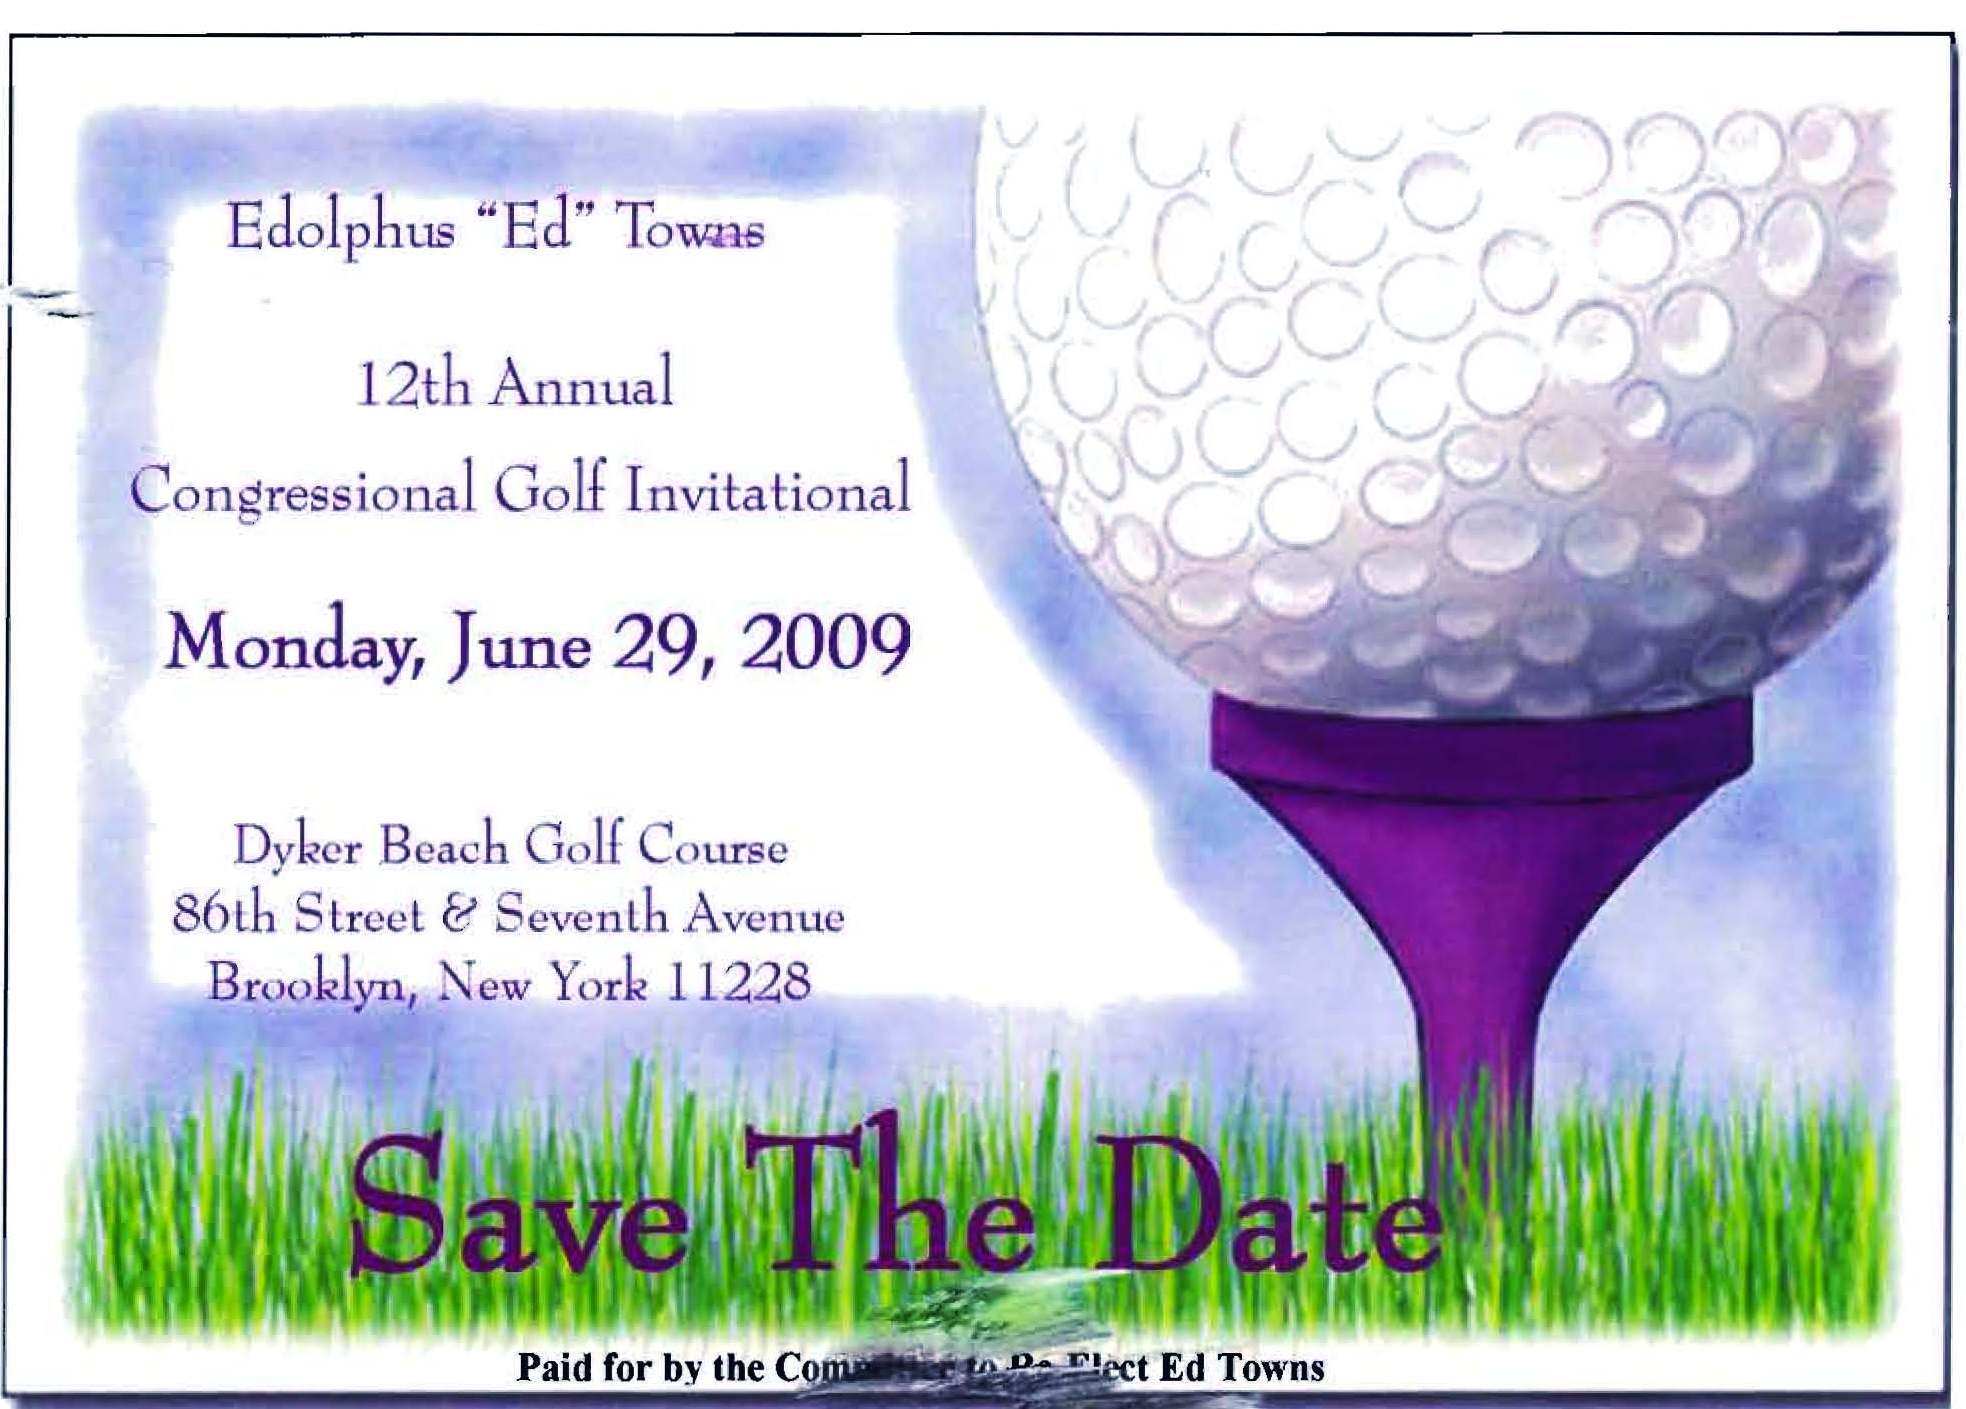 congressman_towns_2009_golf_outing_nyreblog_com_.jpg